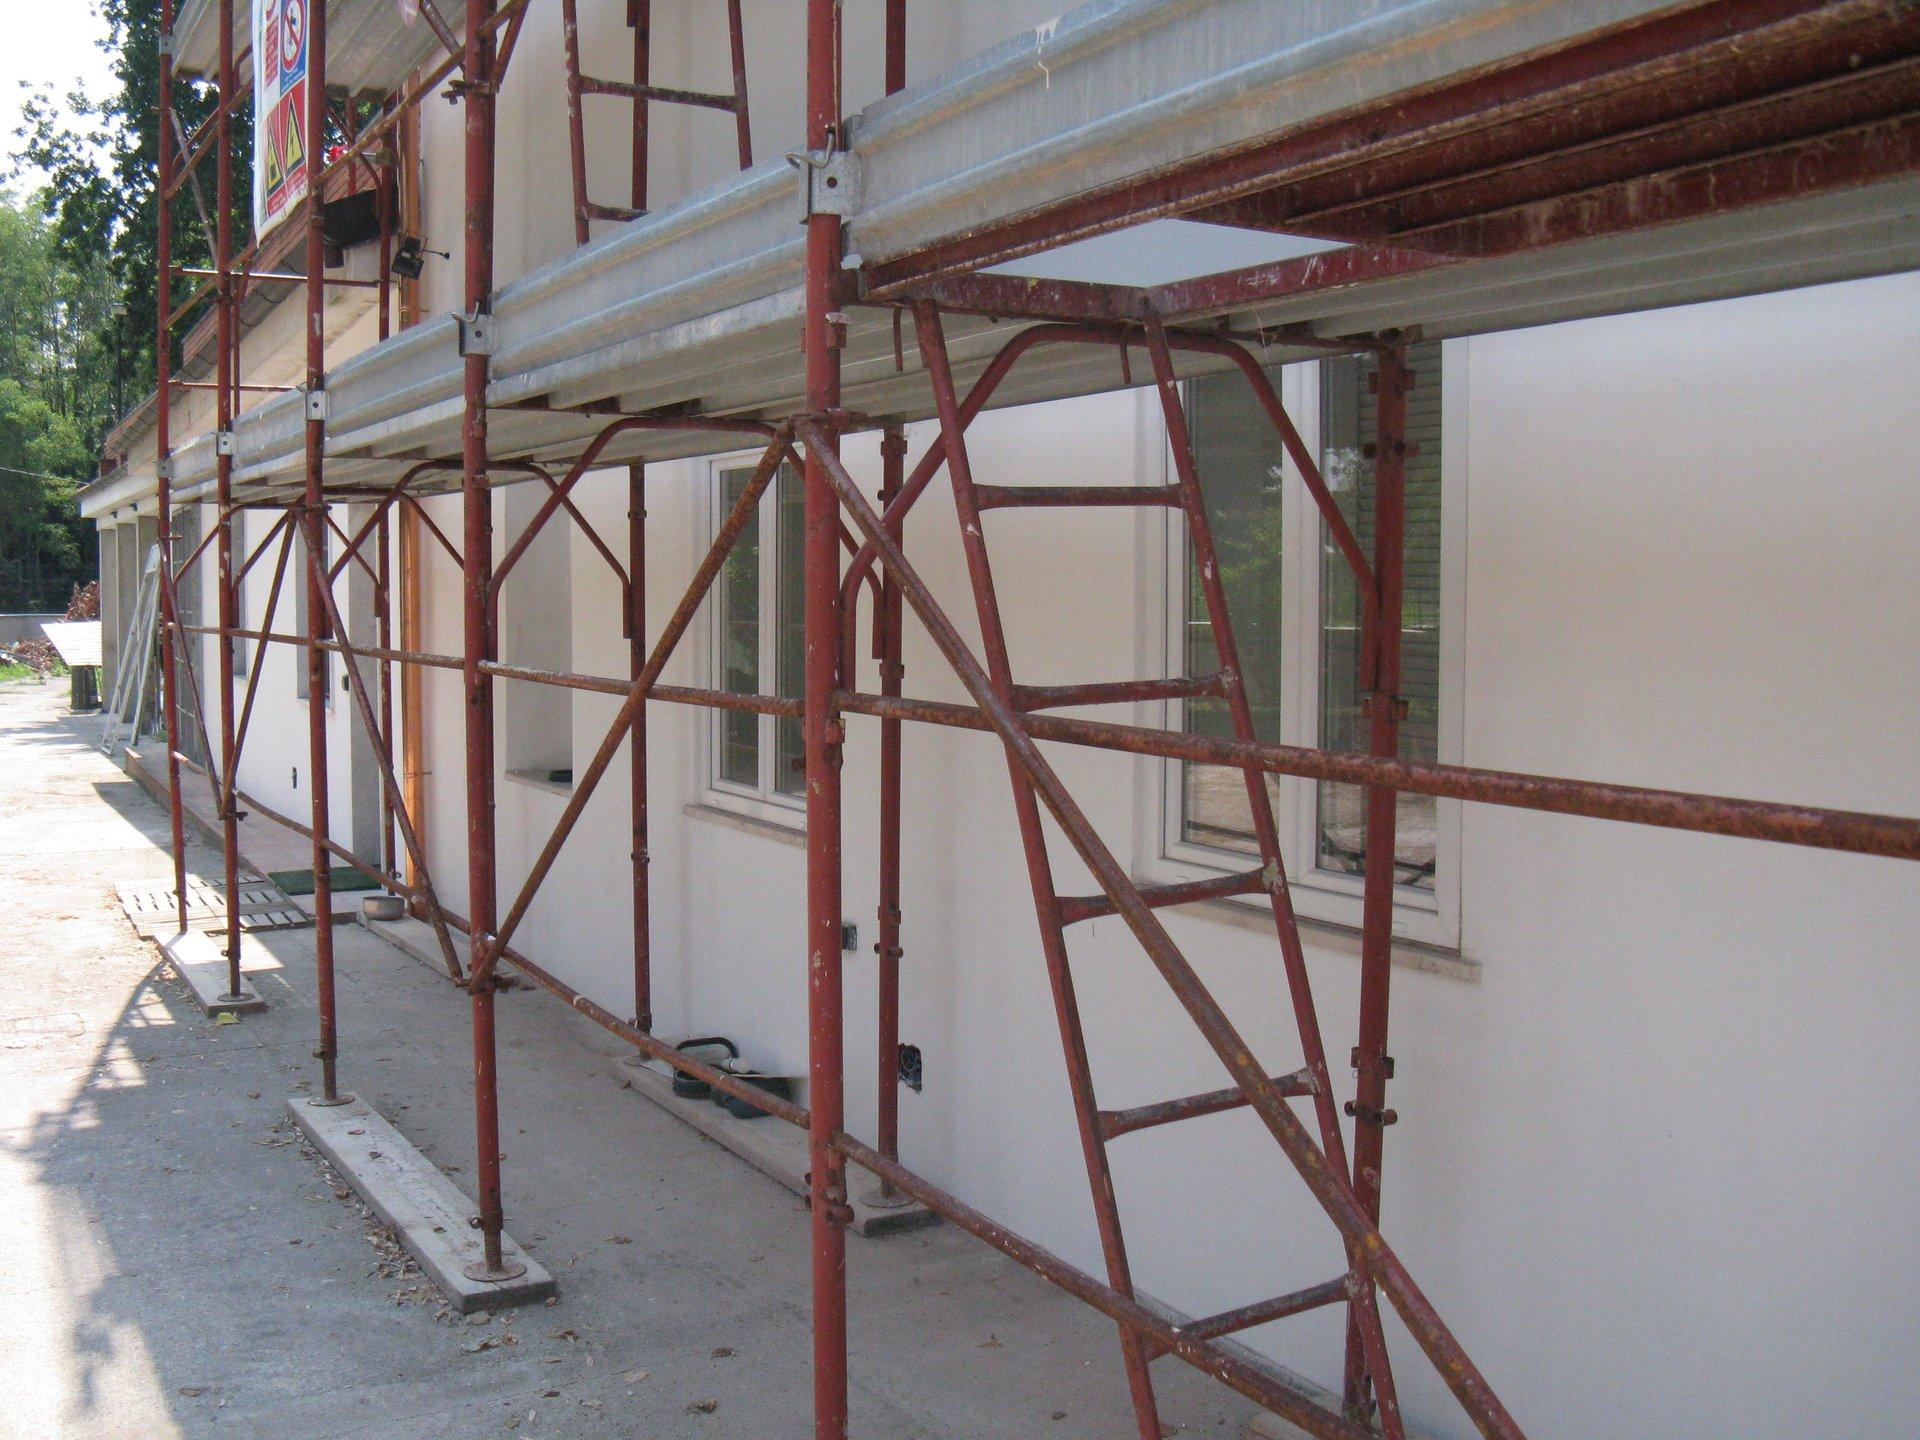 ponteggi in una casa per costruzione-vista laterale